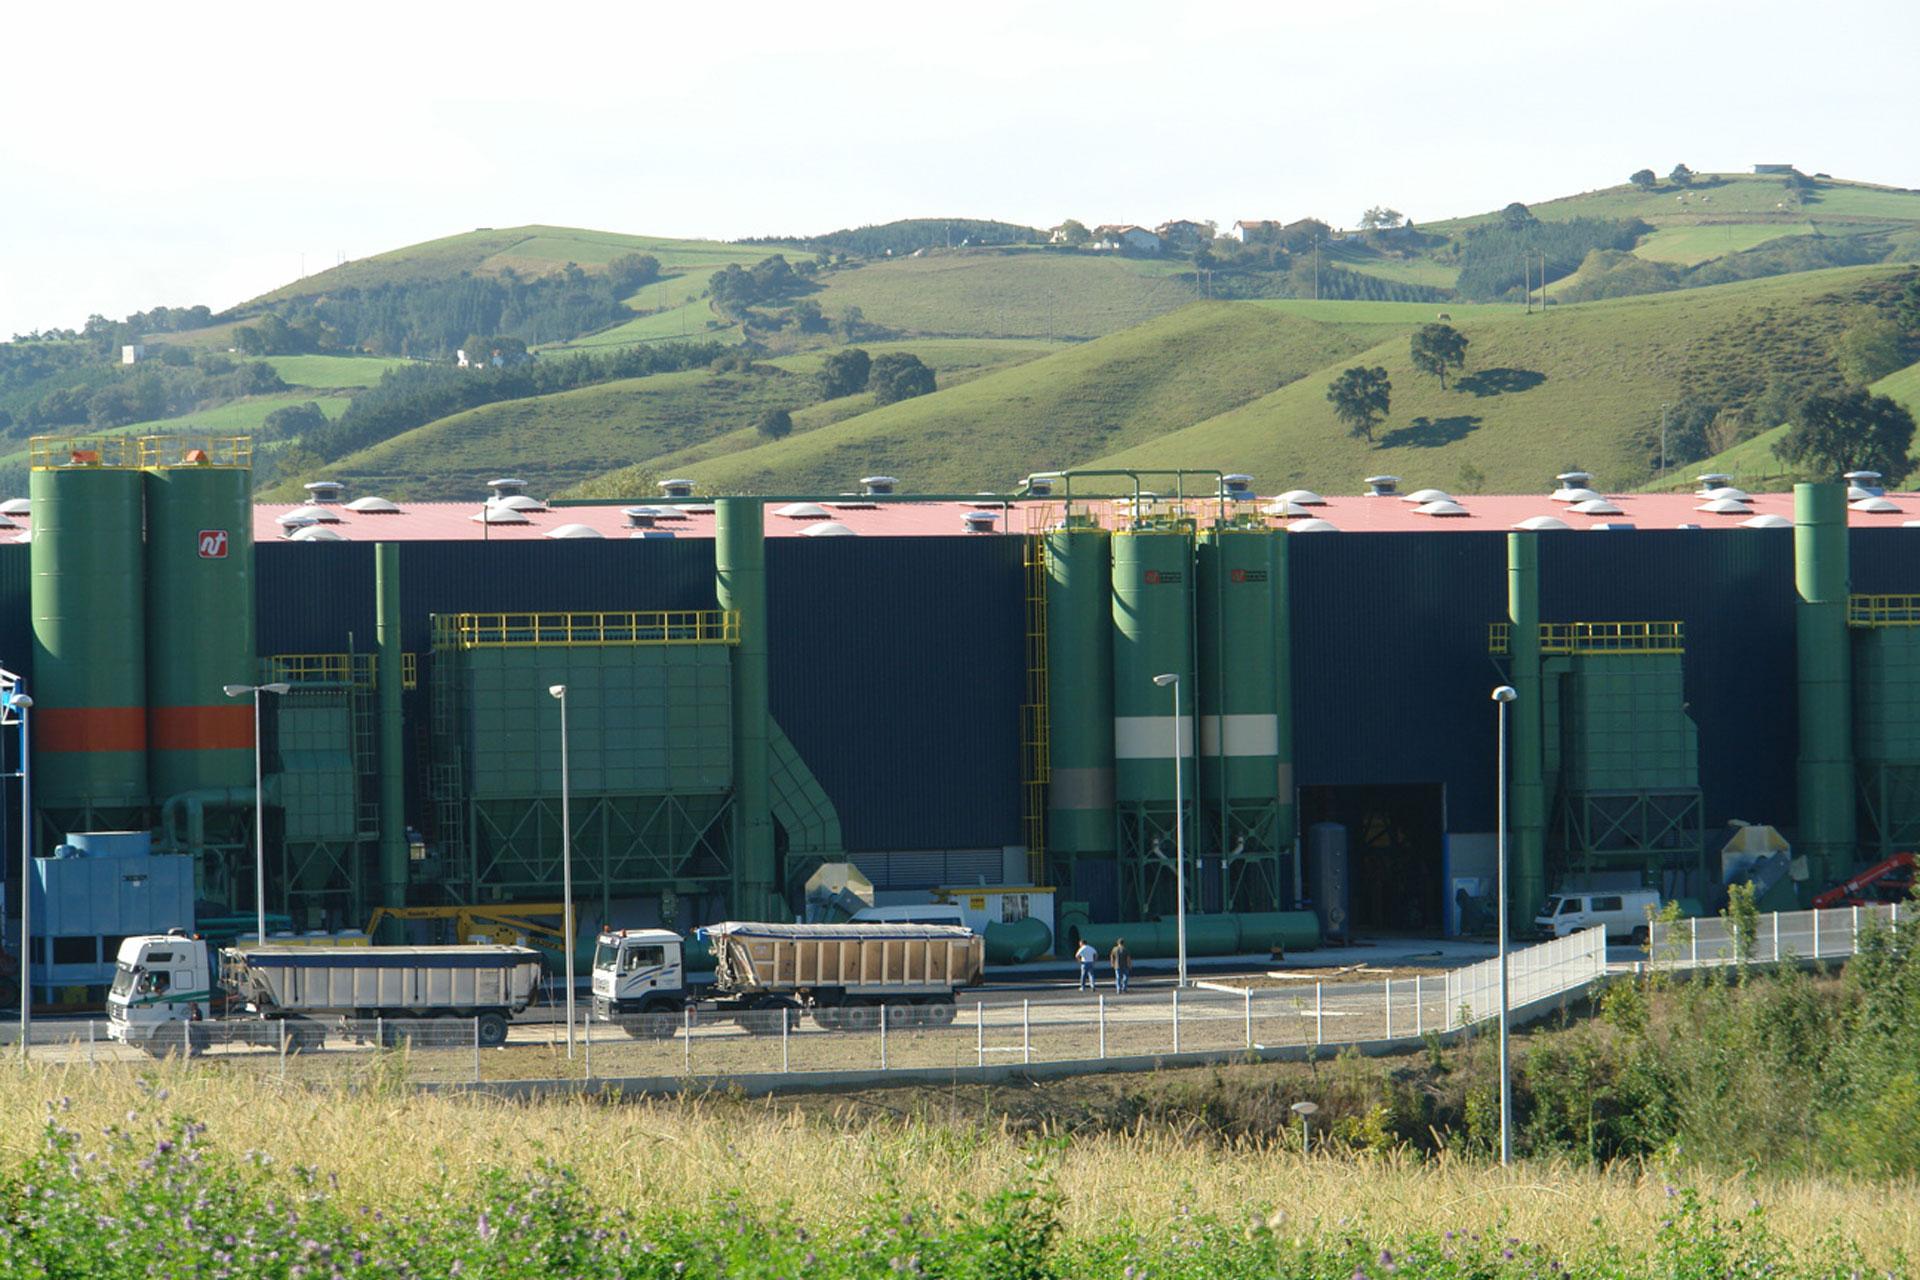 silos-en-fundicion-silos-de-almacenamiento-equipos-newtek-solidos